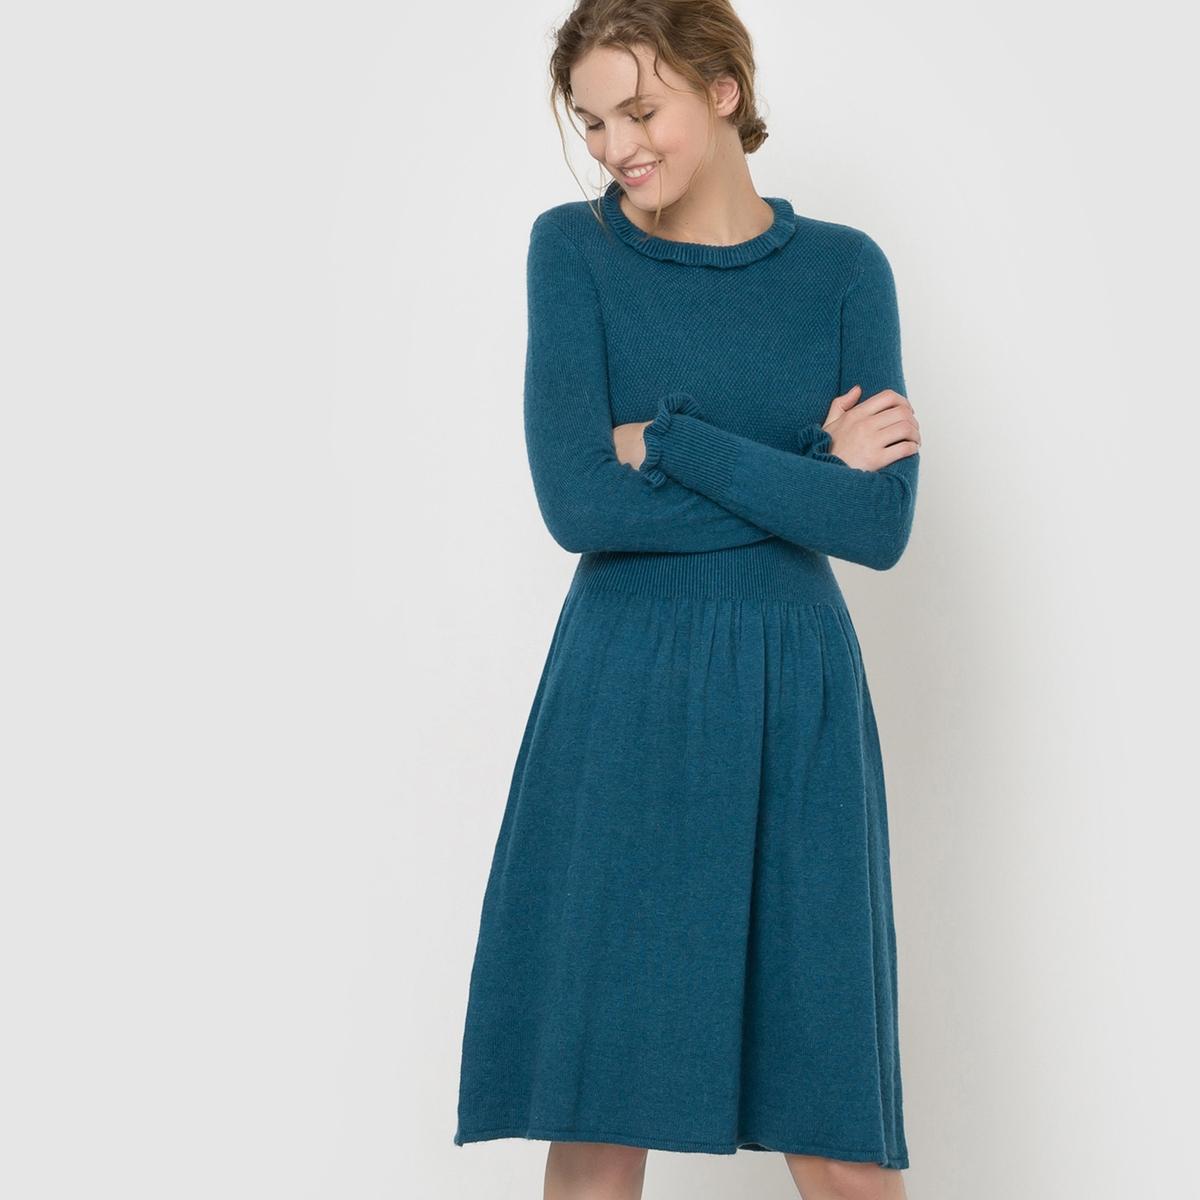 Платье вязаное с воланамиПлатье с длинными рукавами Mademoiselle R. Платье из вязаного трикотажа. Воланы на манжетах и вырезе. Завязки на спине. Высокий воротник. Эластичный пояс. Состав и описаниеМарка : Mademoiselle RМатериал : 50% полиамида, 45% вискозы, 5% альпакиДлина : 100 смУходМашинная стирка при 30 °C   Стирать с вещами схожих цветовСтирать и гладить при очень низкой температуре с изнаночной стороны<br><br>Цвет: бордовый<br>Размер: 46/48 (FR) - 52/54 (RUS)